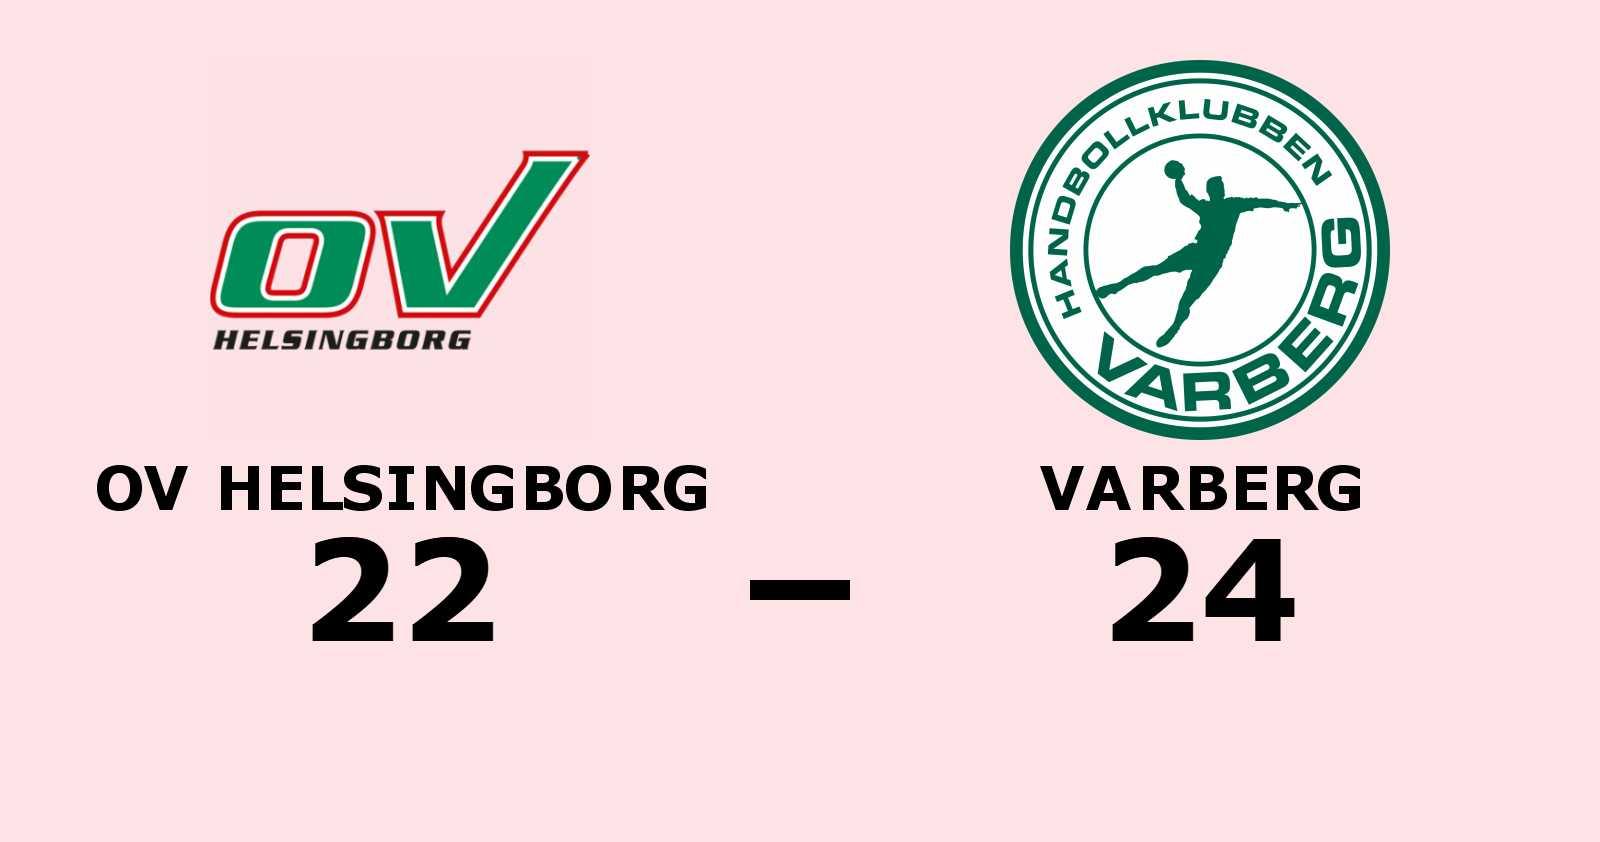 Efterlängtad seger för Varberg – bröt förlustsviten mot OV Helsingborg